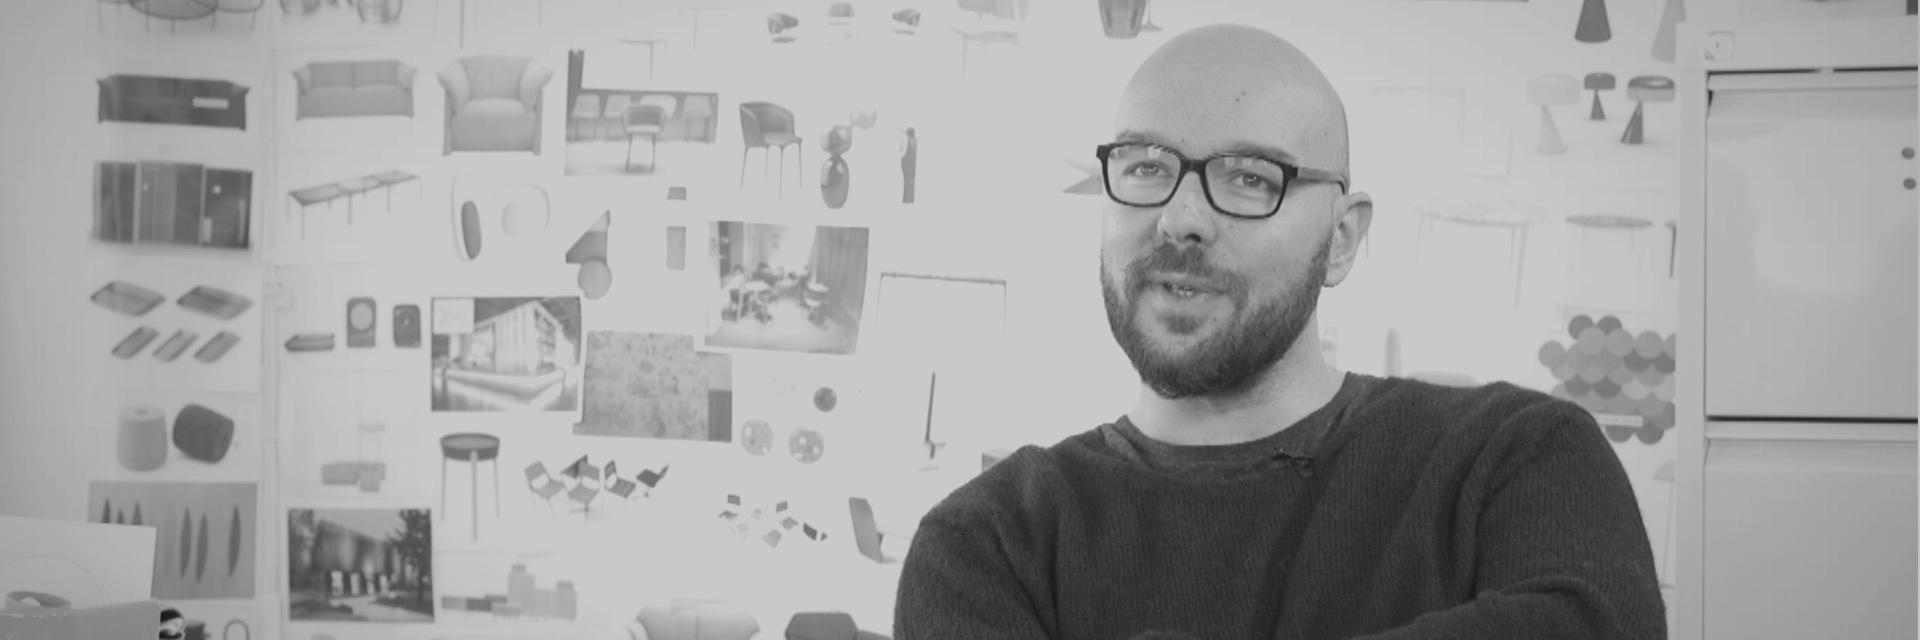 意大利Luca Nichetto阐释设计理念